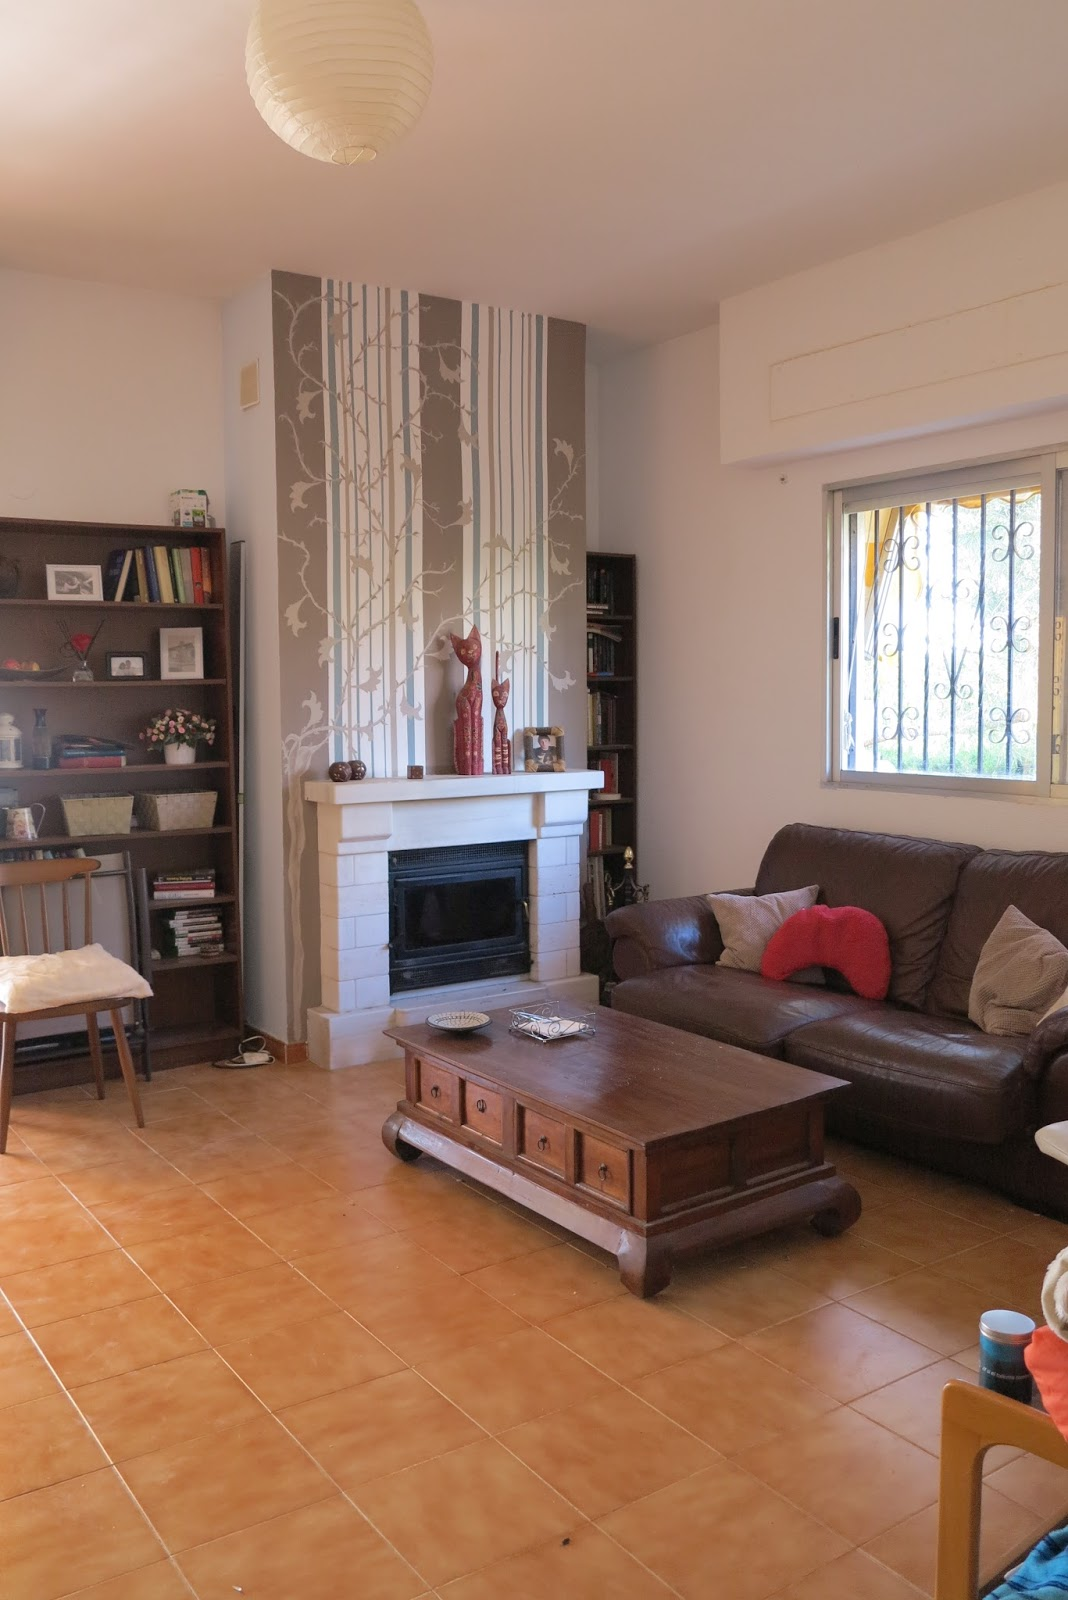 Quiero decorar mi casa free debemos usar solo los muebles for Quiero decorar mi casa